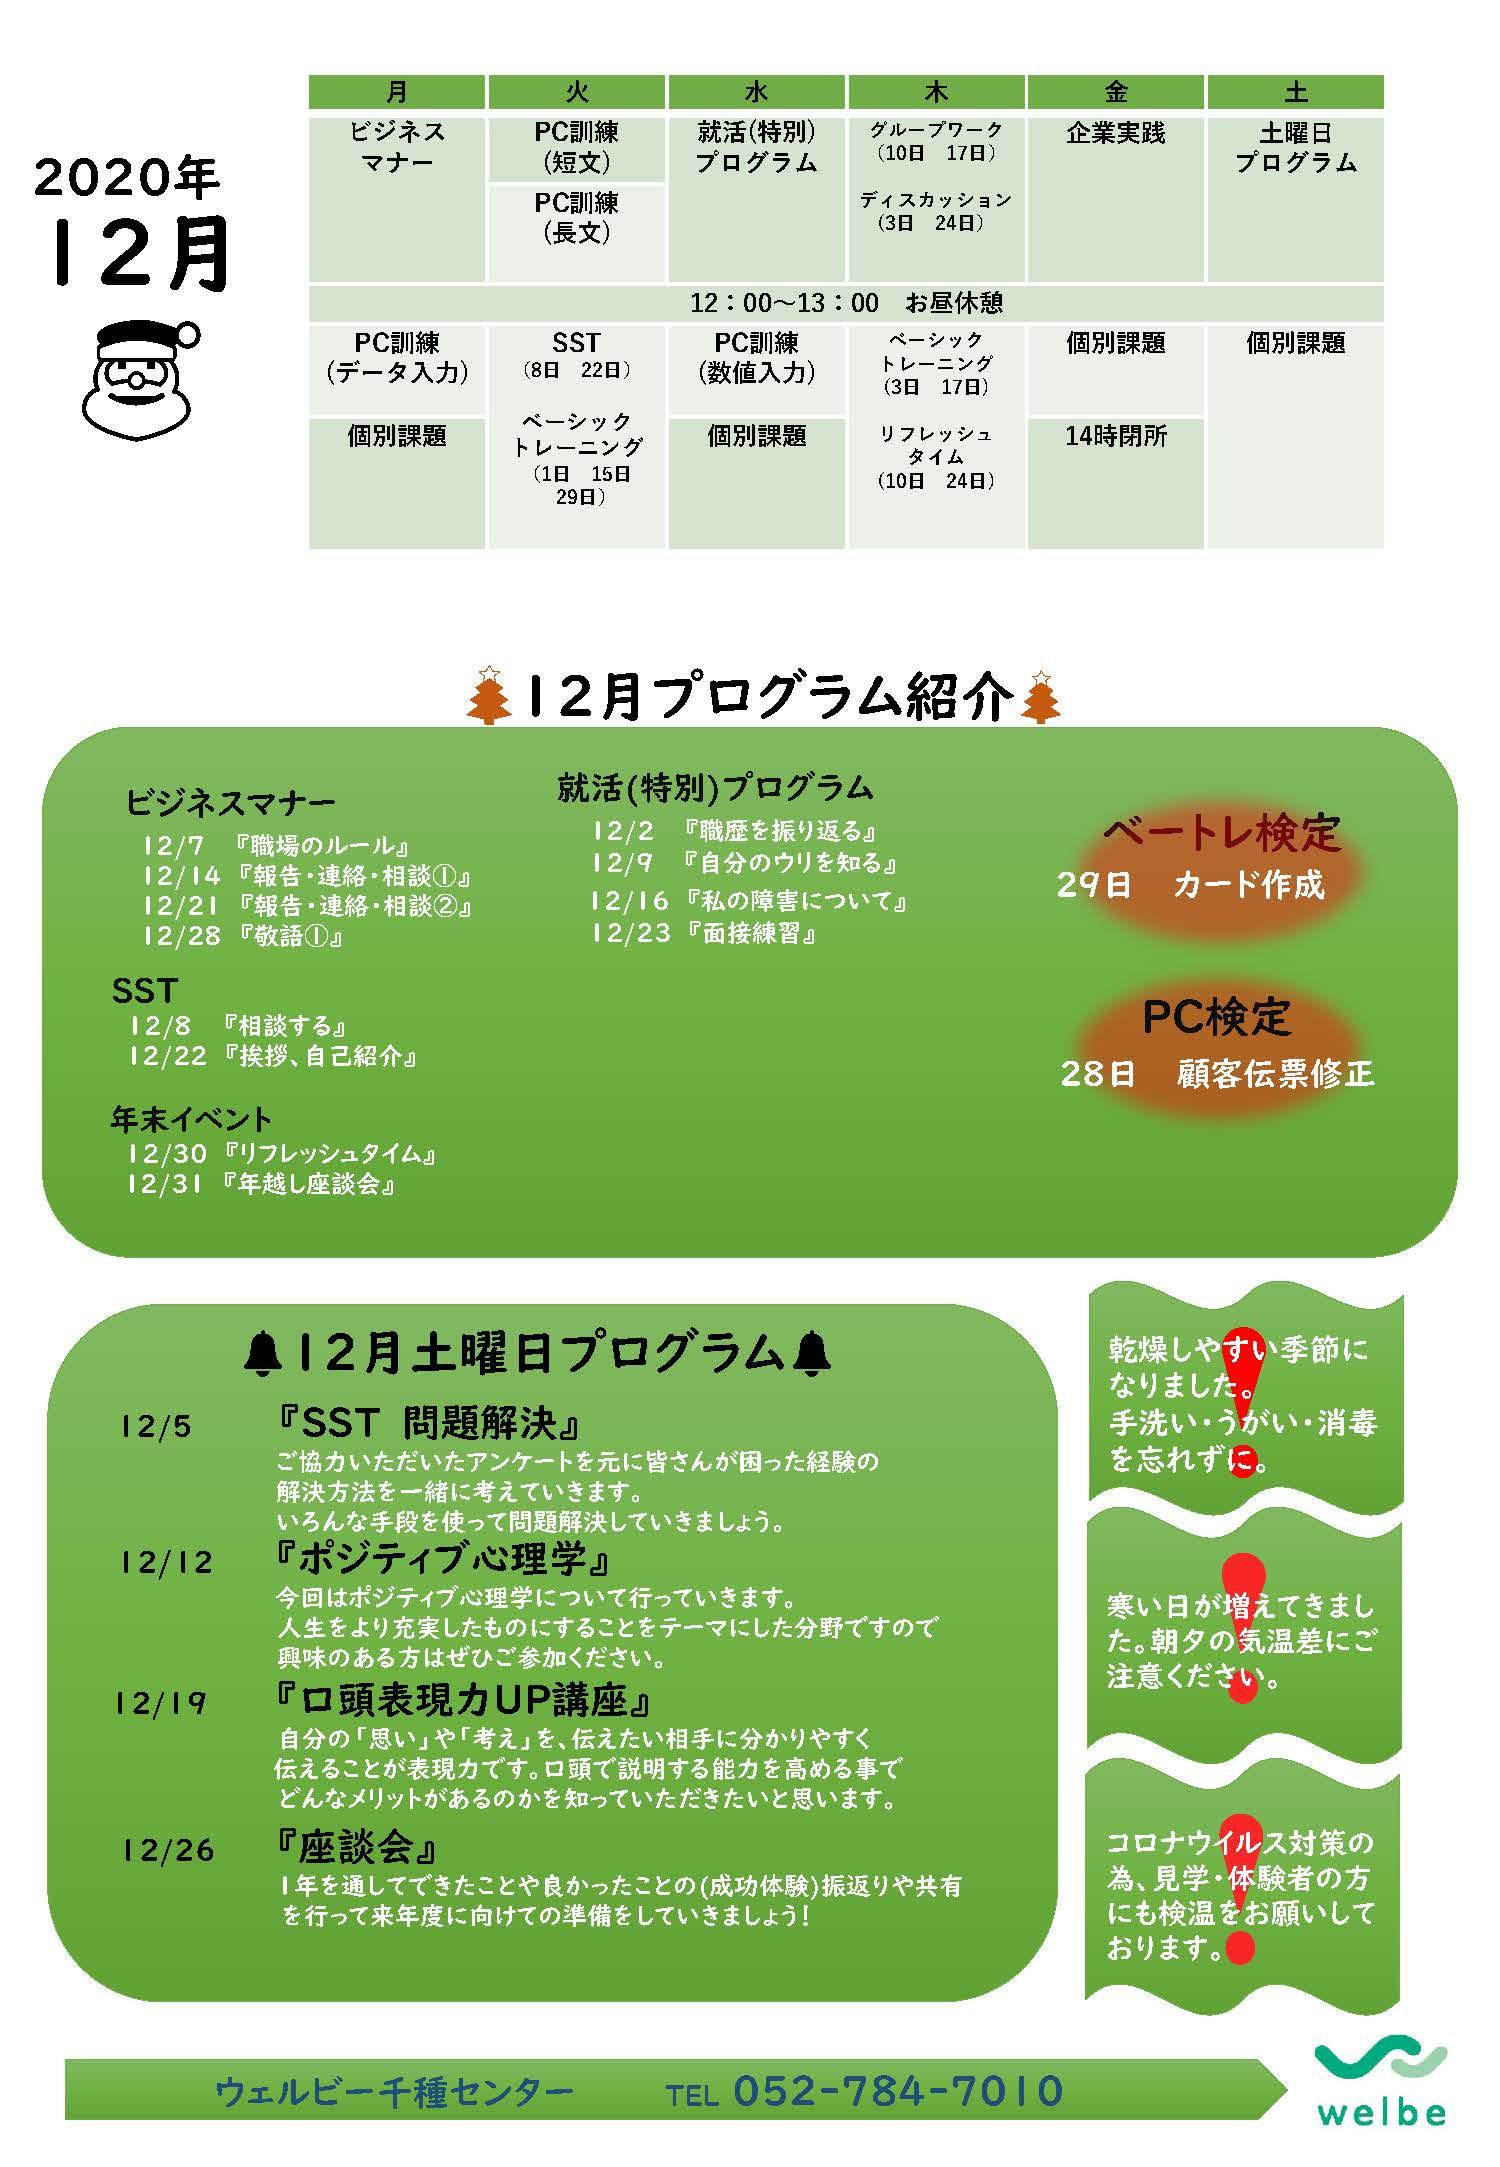 2020_12月プログラム(ブログ掲載用)